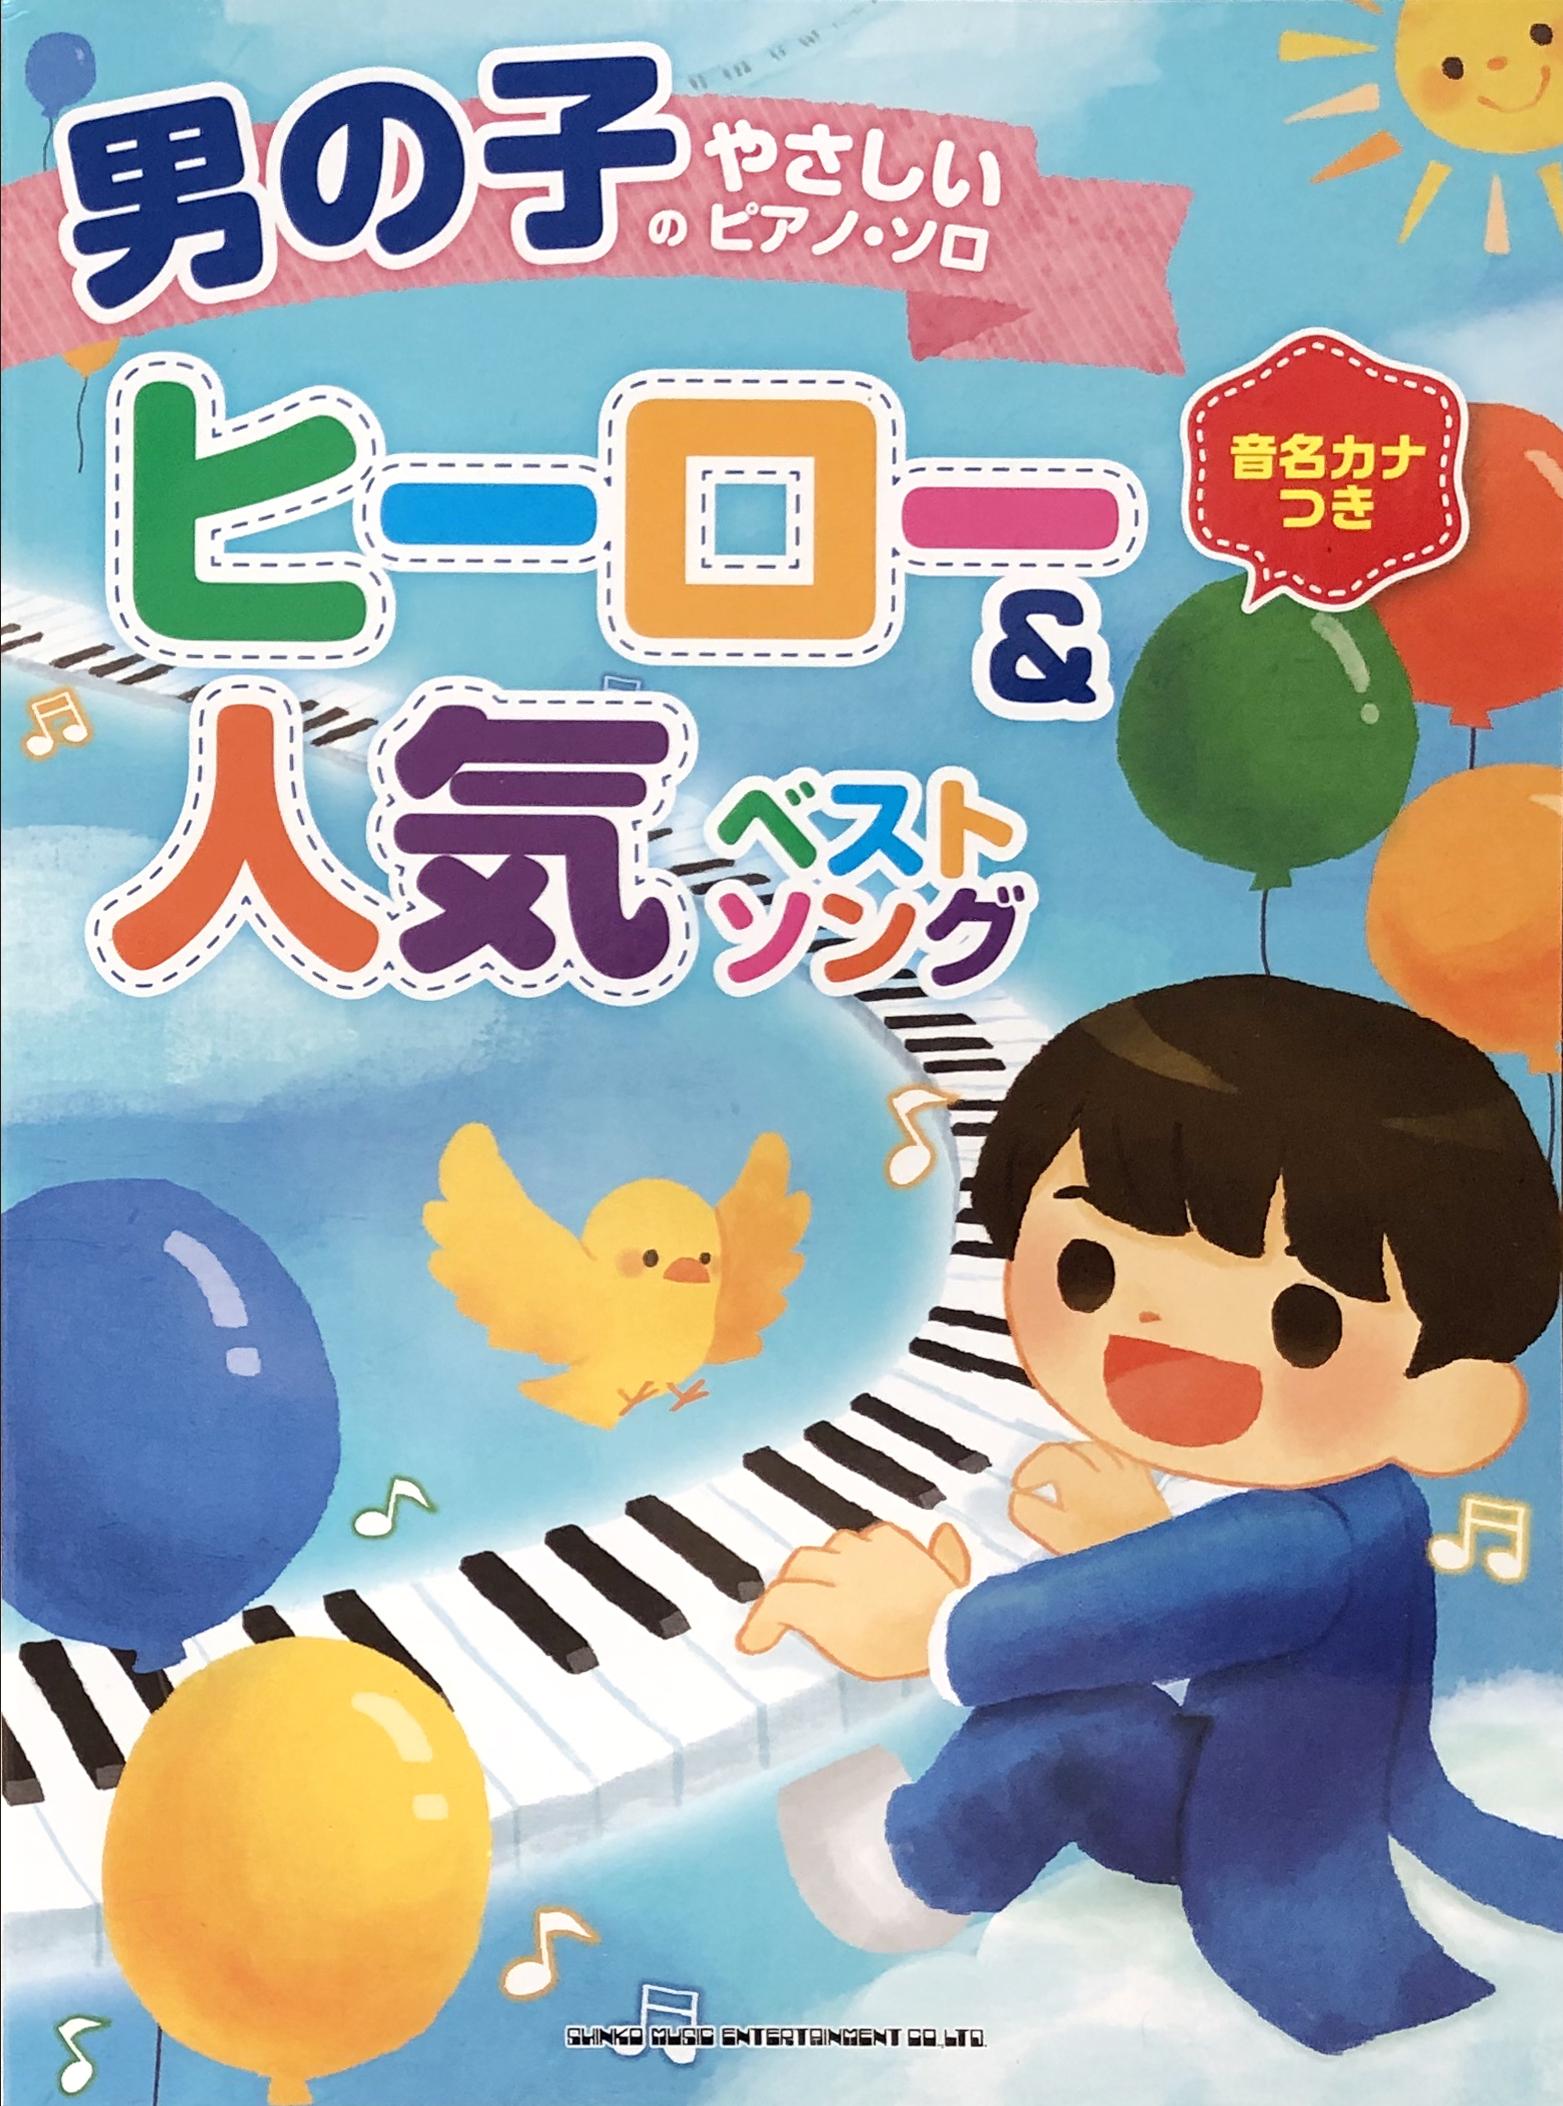 男の子の優しいピアノソロ